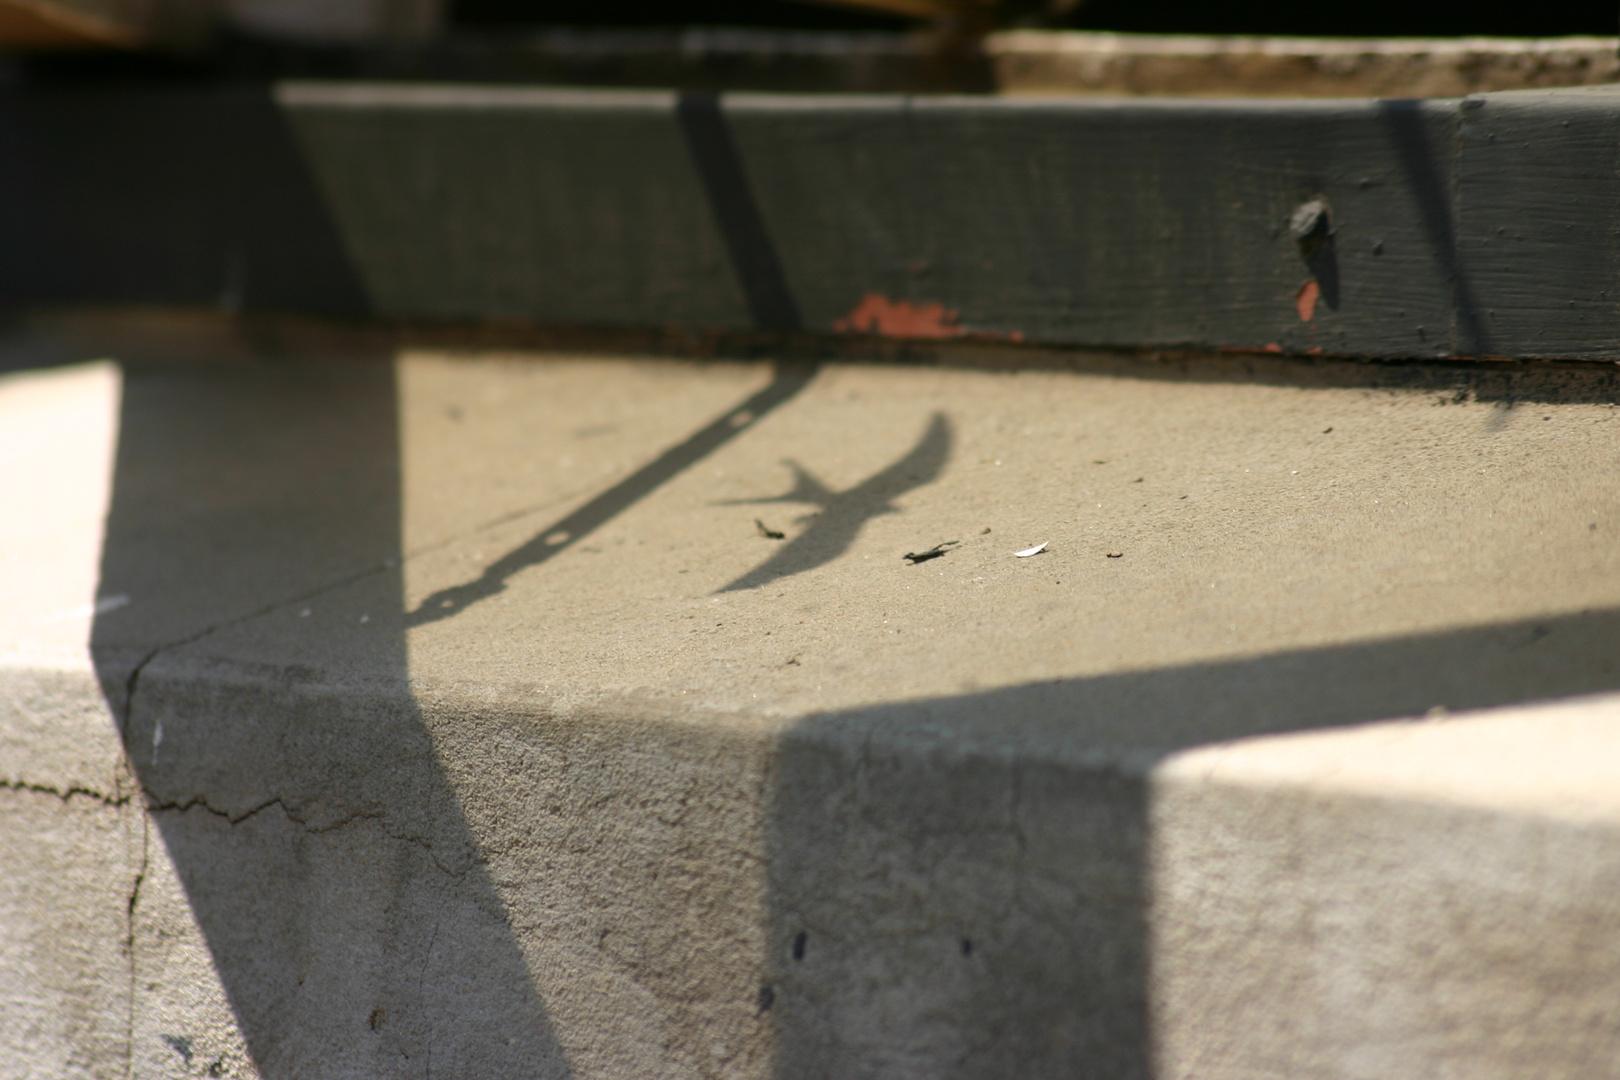 Shadow Of Swallow In Window